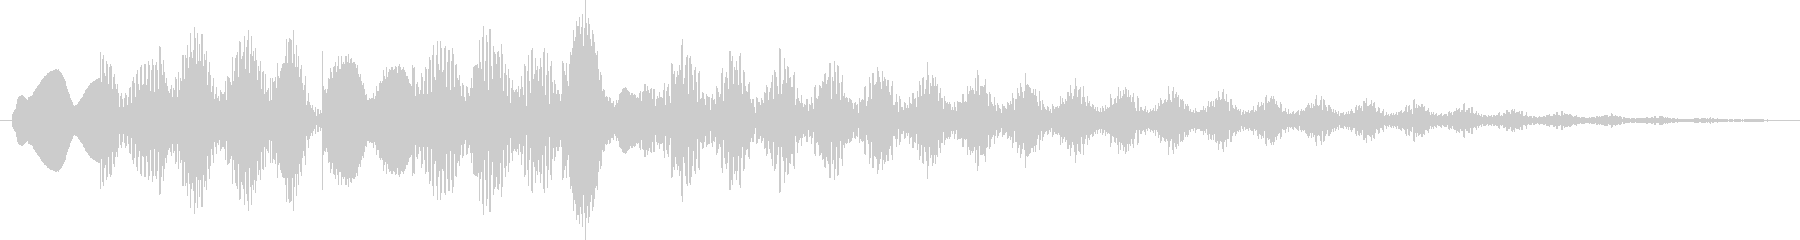 ビブラフォン:ケイデンスアクセント...の未再生の波形